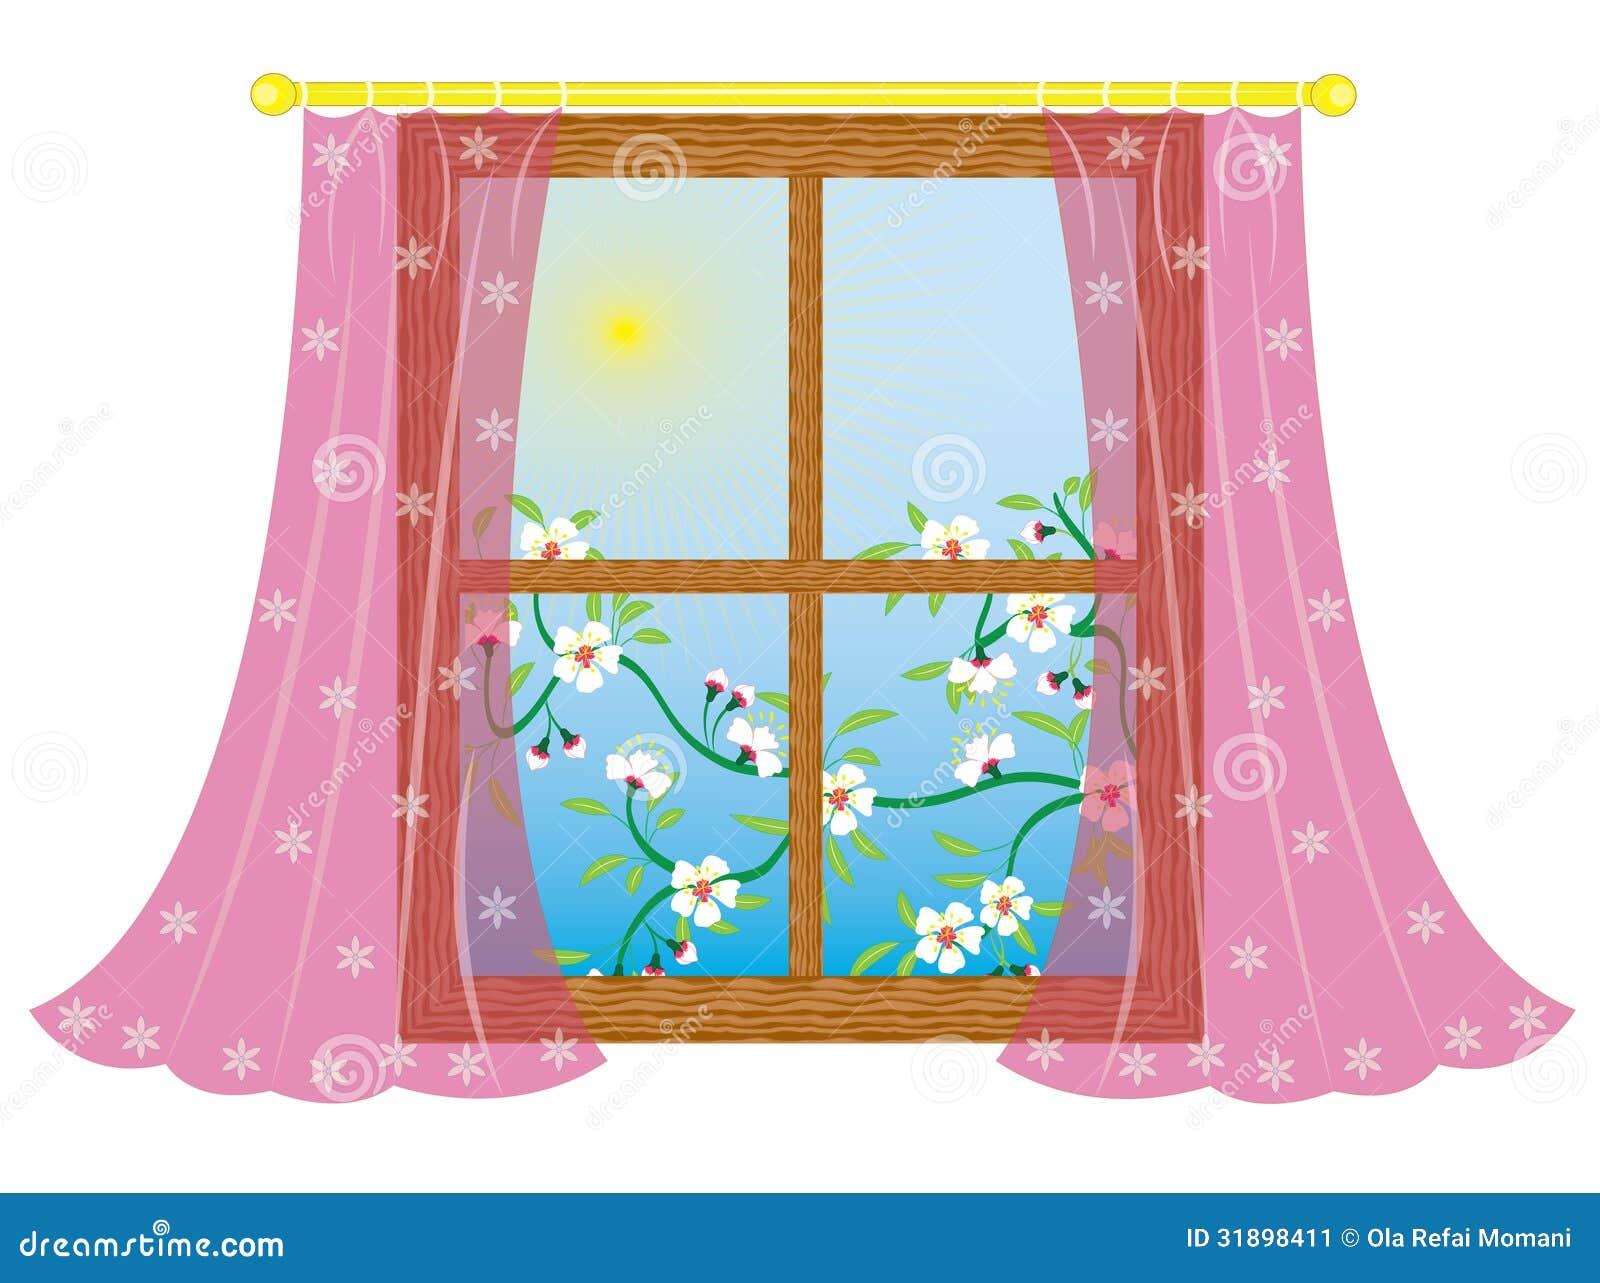 Janela Com Cortina Imagem de Stock Imagem: 31898411 #BCB60F 1300x1059 Banheiro Com Cortina Na Janela